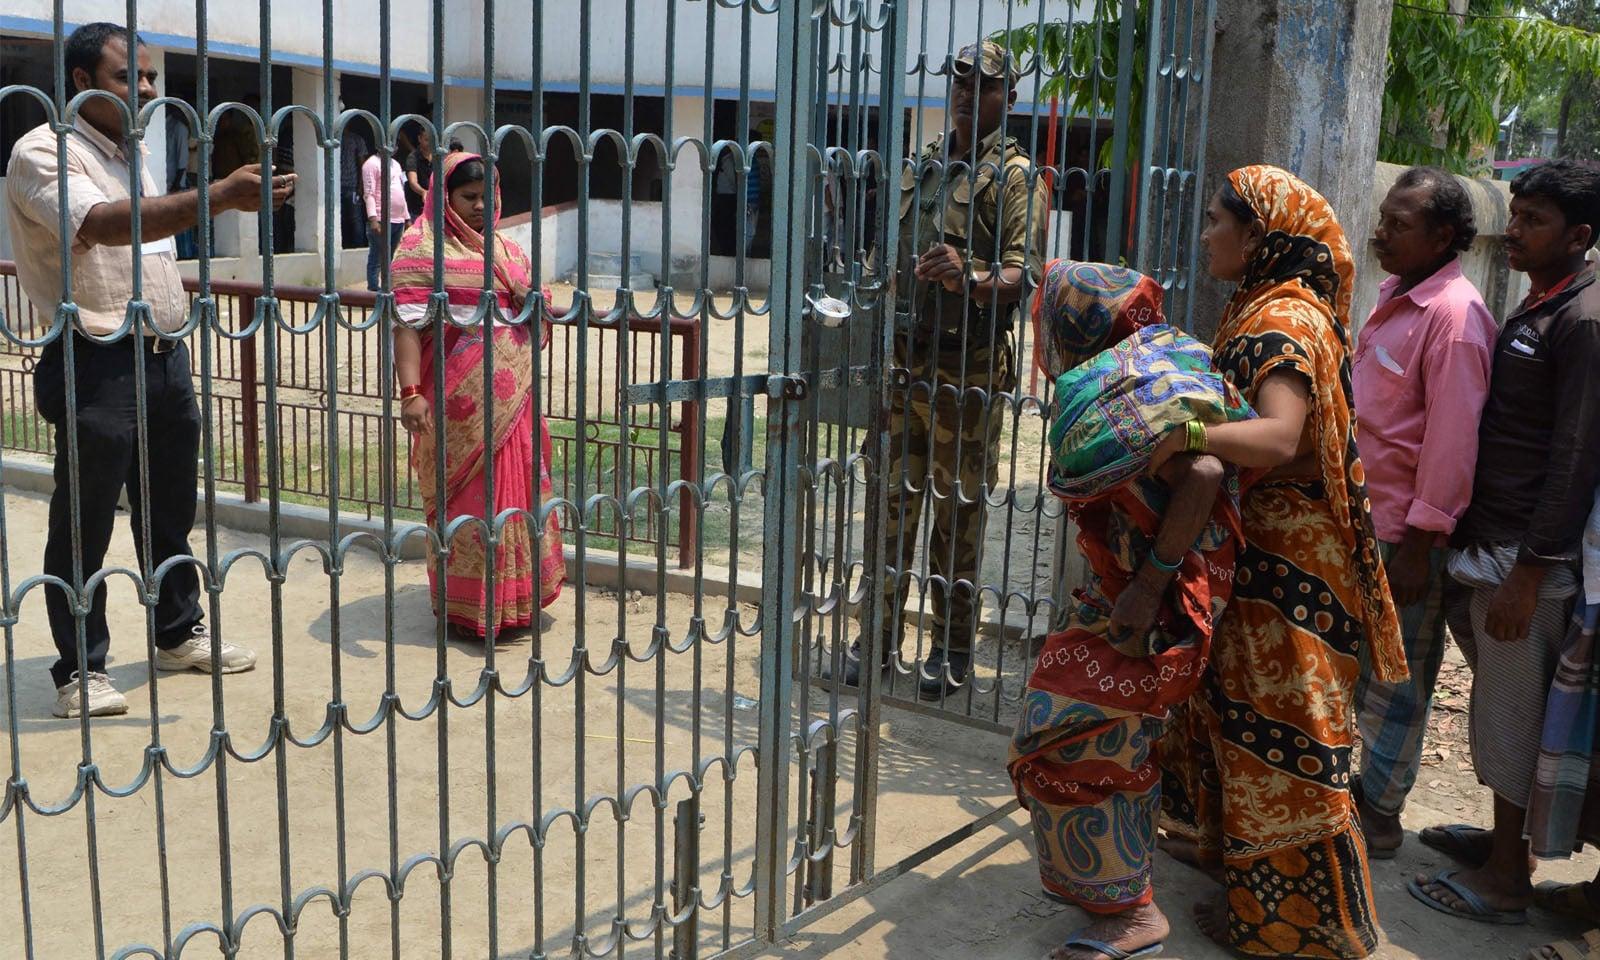 مالڈا کے پولنگ اسٹیشن پر صعیف خاتون بھی ووٹ ڈالنے آئیں—فوٹو/ اے ایف پی